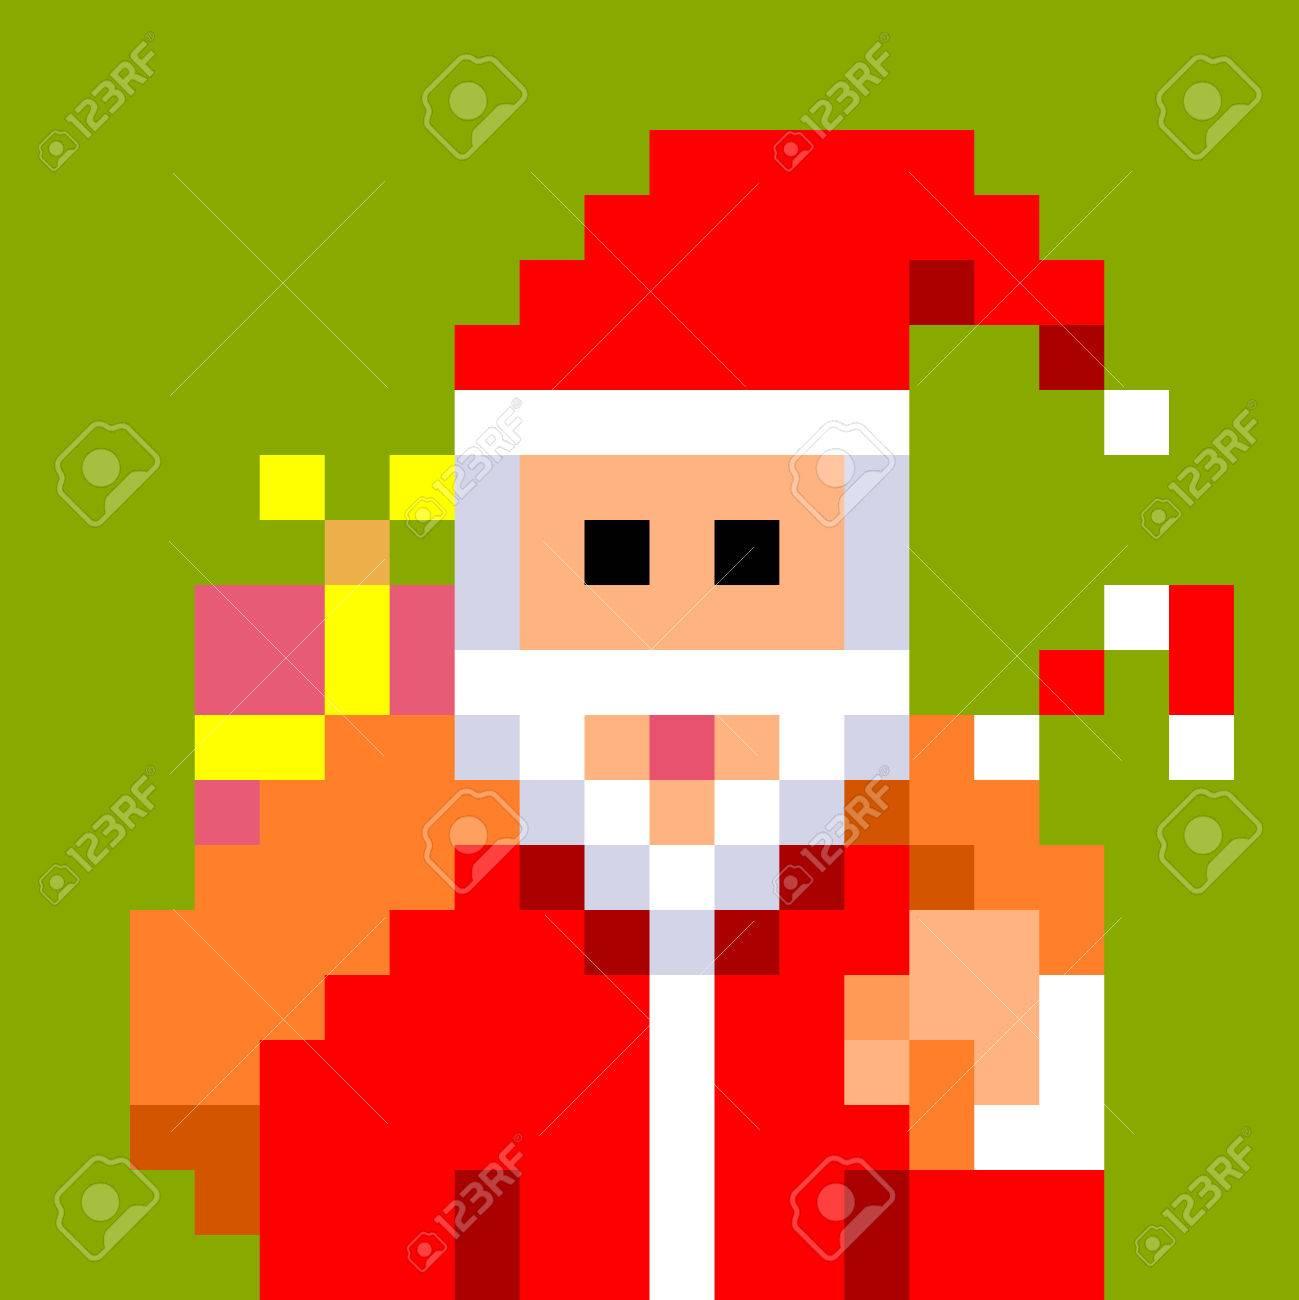 Pixel Art Papá Noel Que Lleva Una Gran Bolsa Llena De Regalos Para Navidad